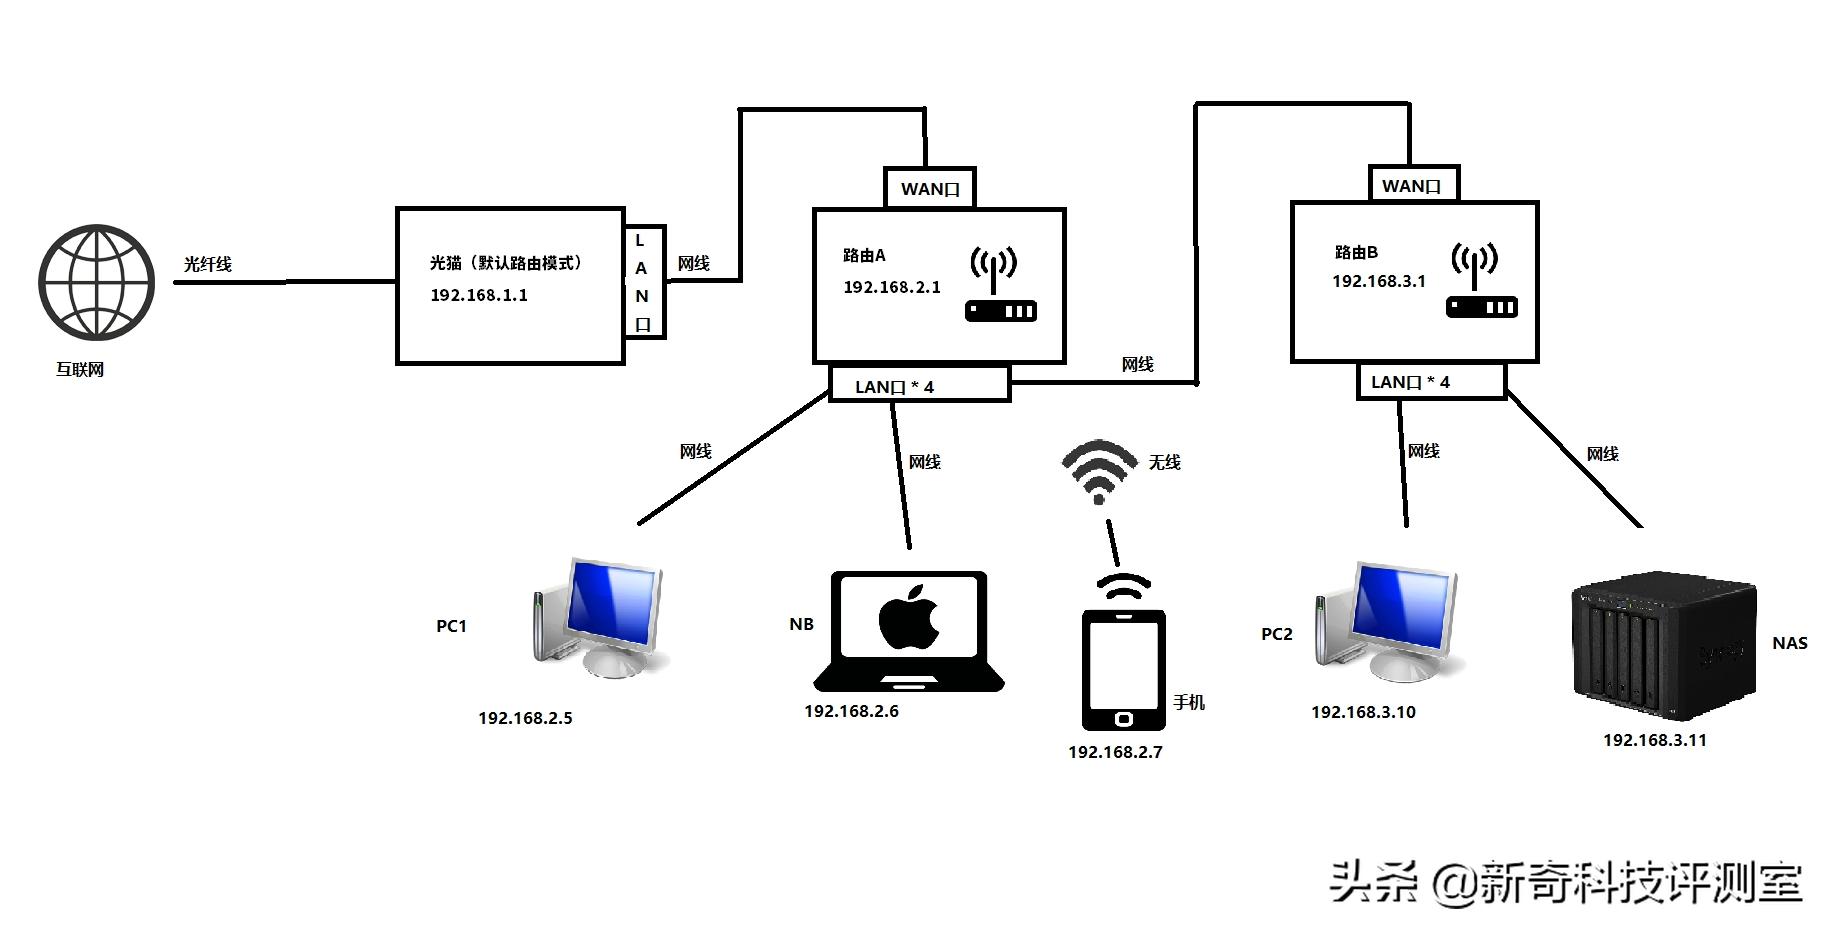 公网IP让电信客服小姐姐给公网IP?入坑NAS前最好